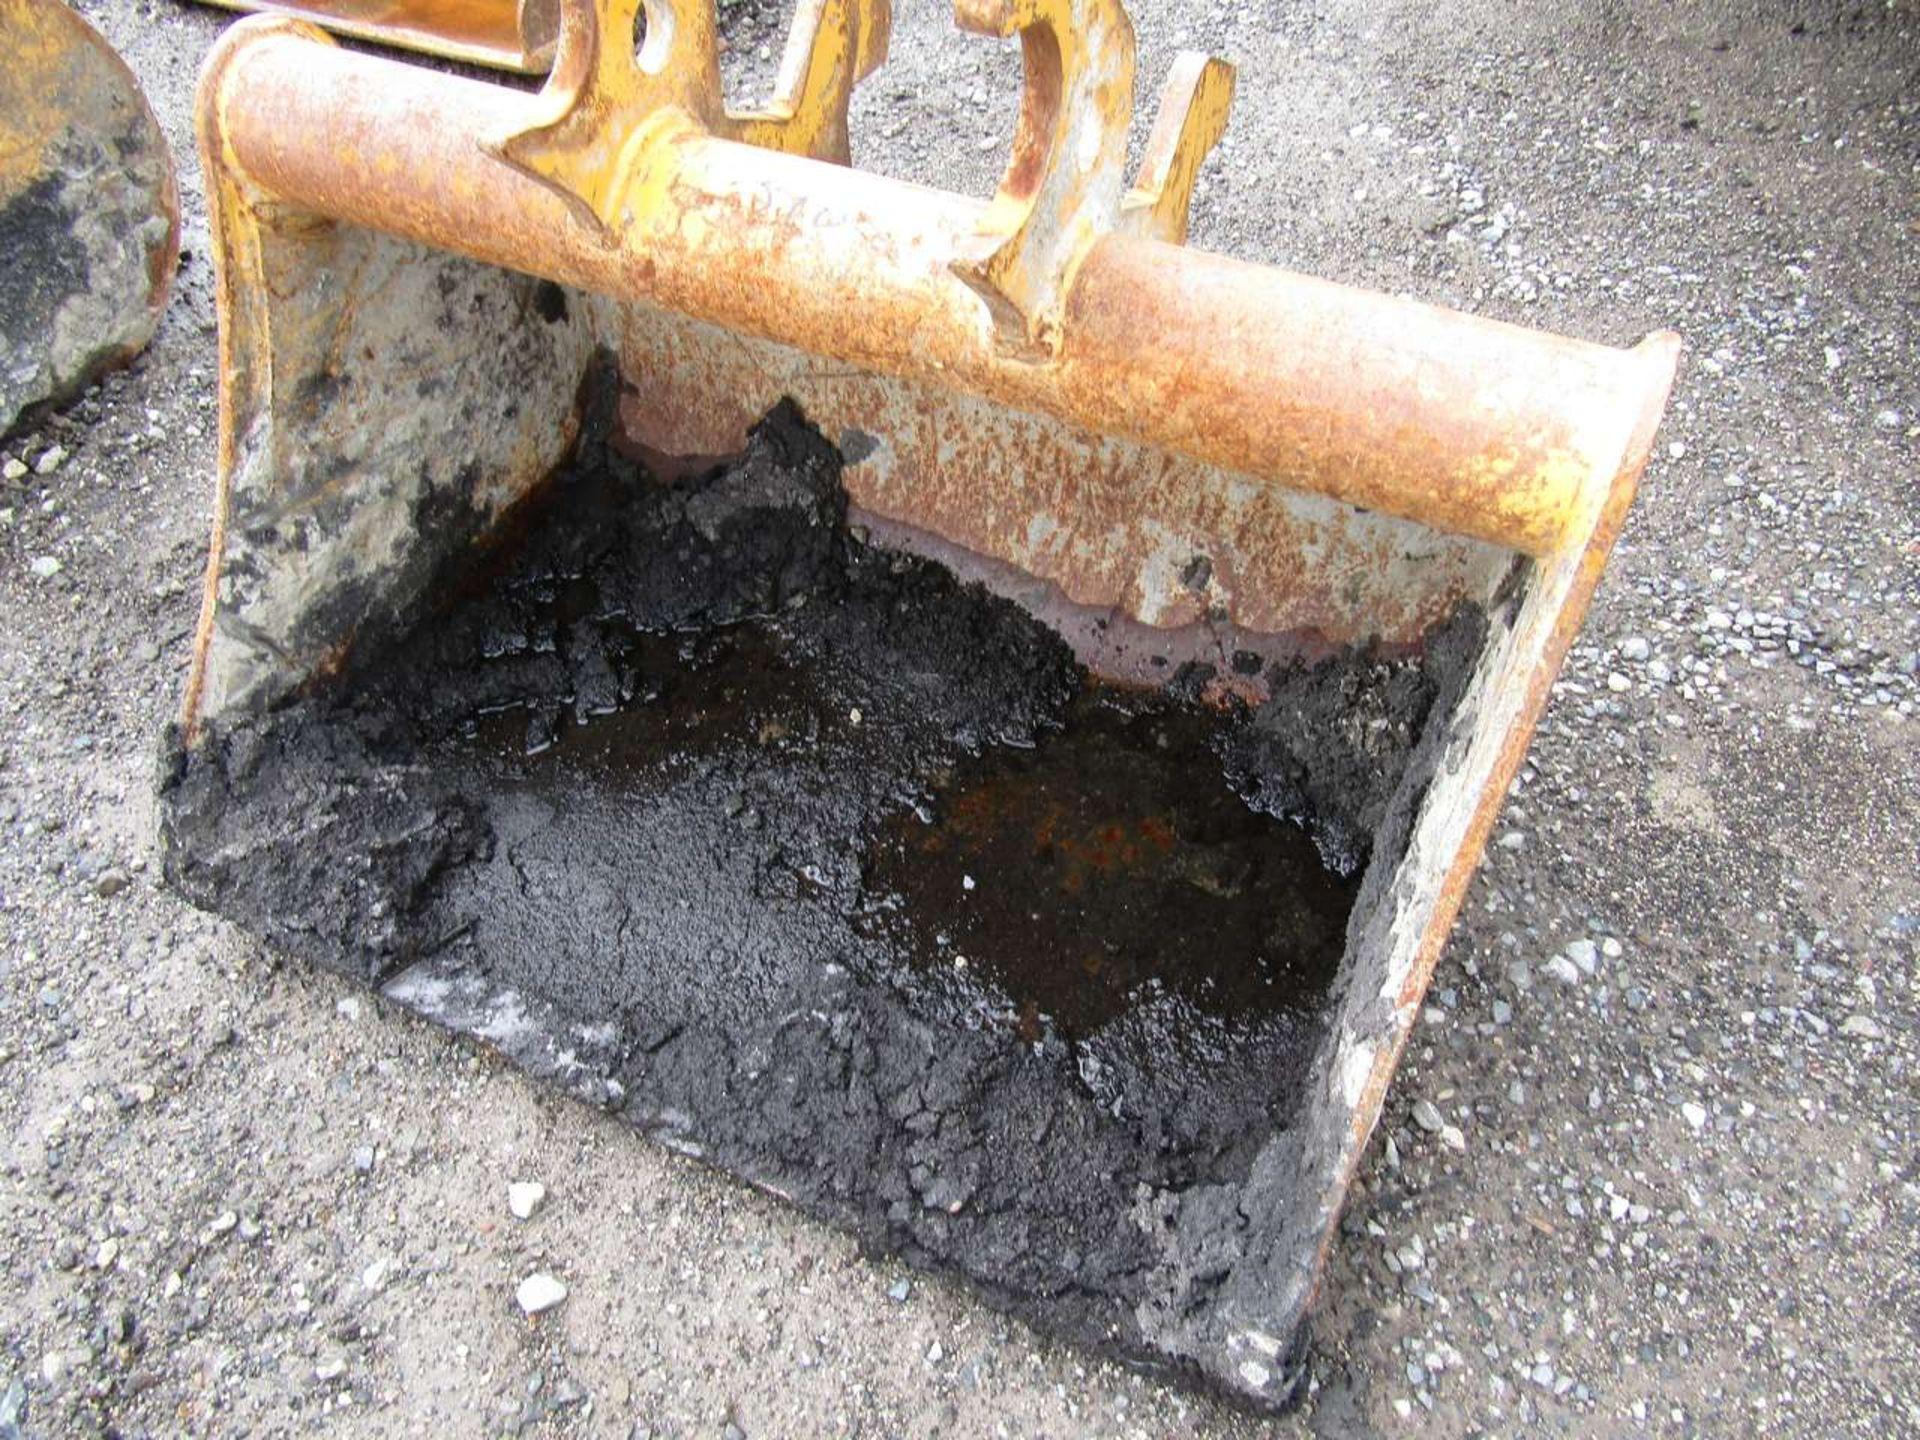 Lot 510 - Excavator Bucket